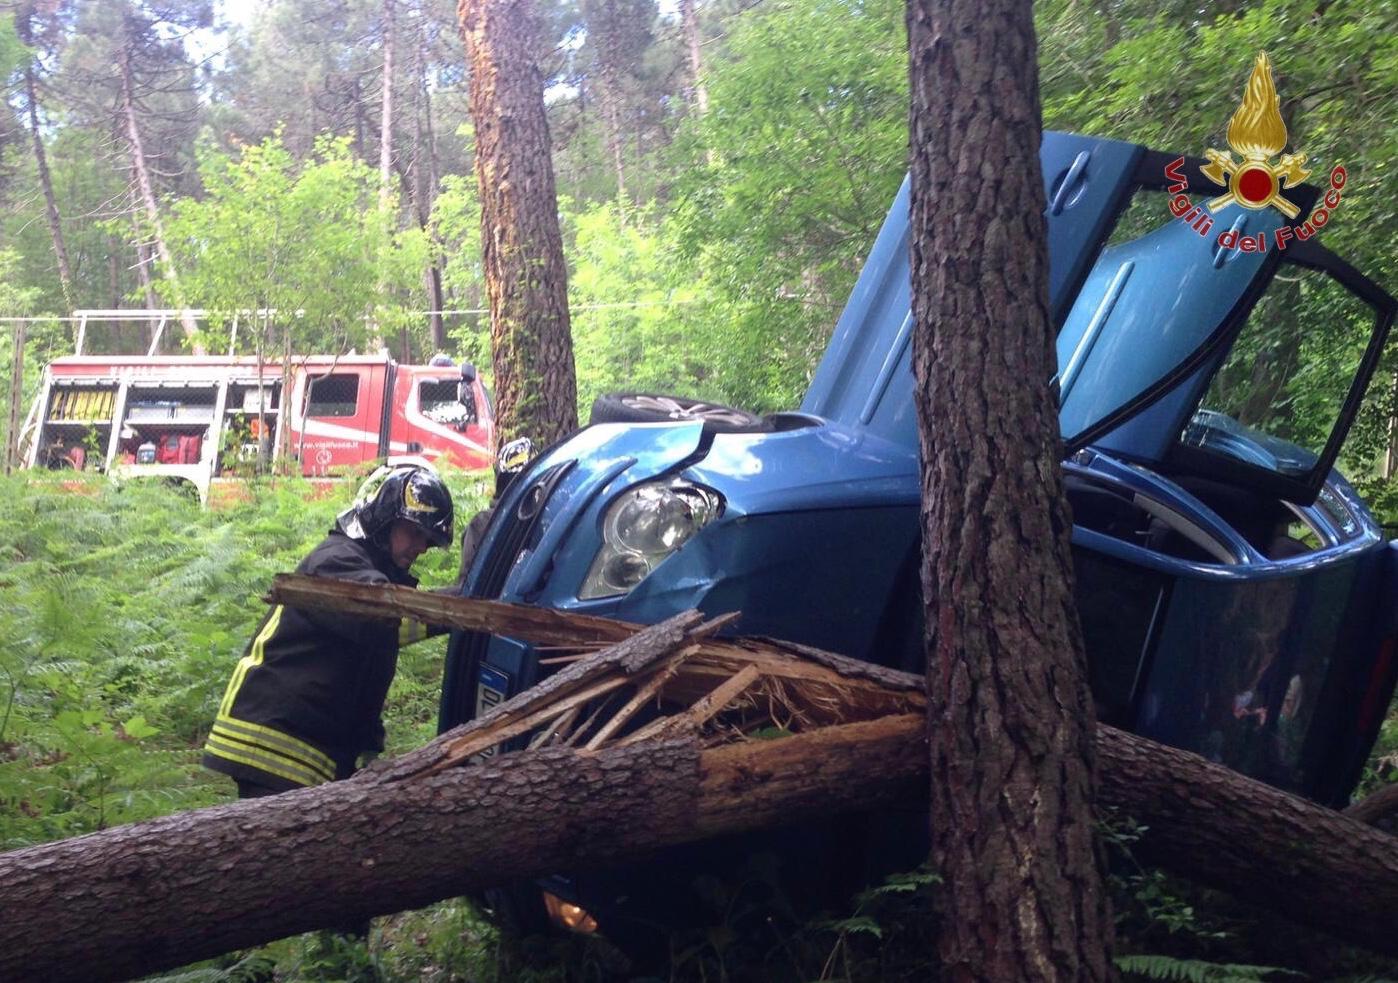 Fuori strada con l'auto finisce contro un albero e muore